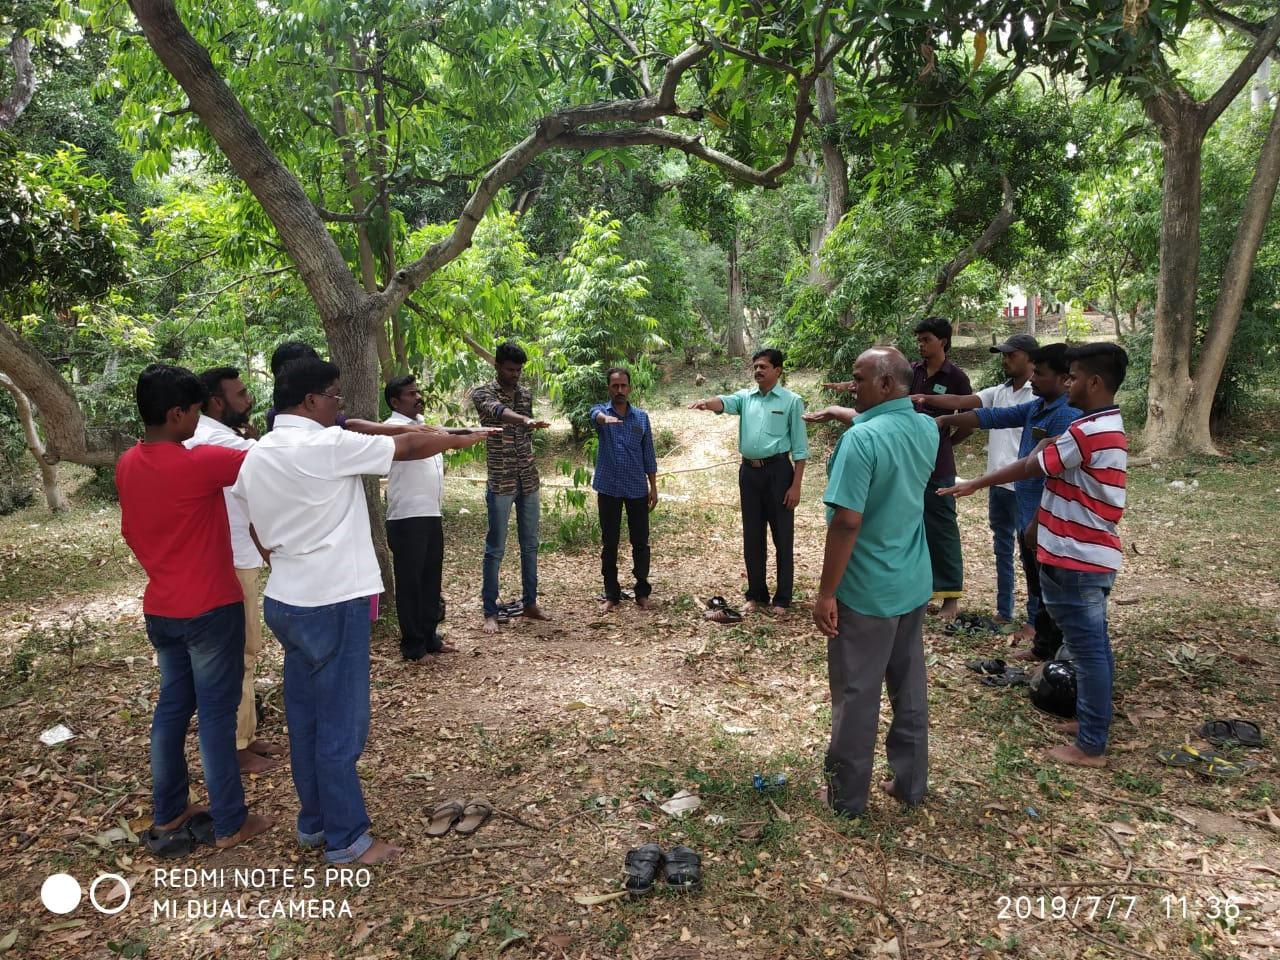 கலந்தாய்வு கூட்டம்-தேனி மாவட்டம் பெரியகுளம்